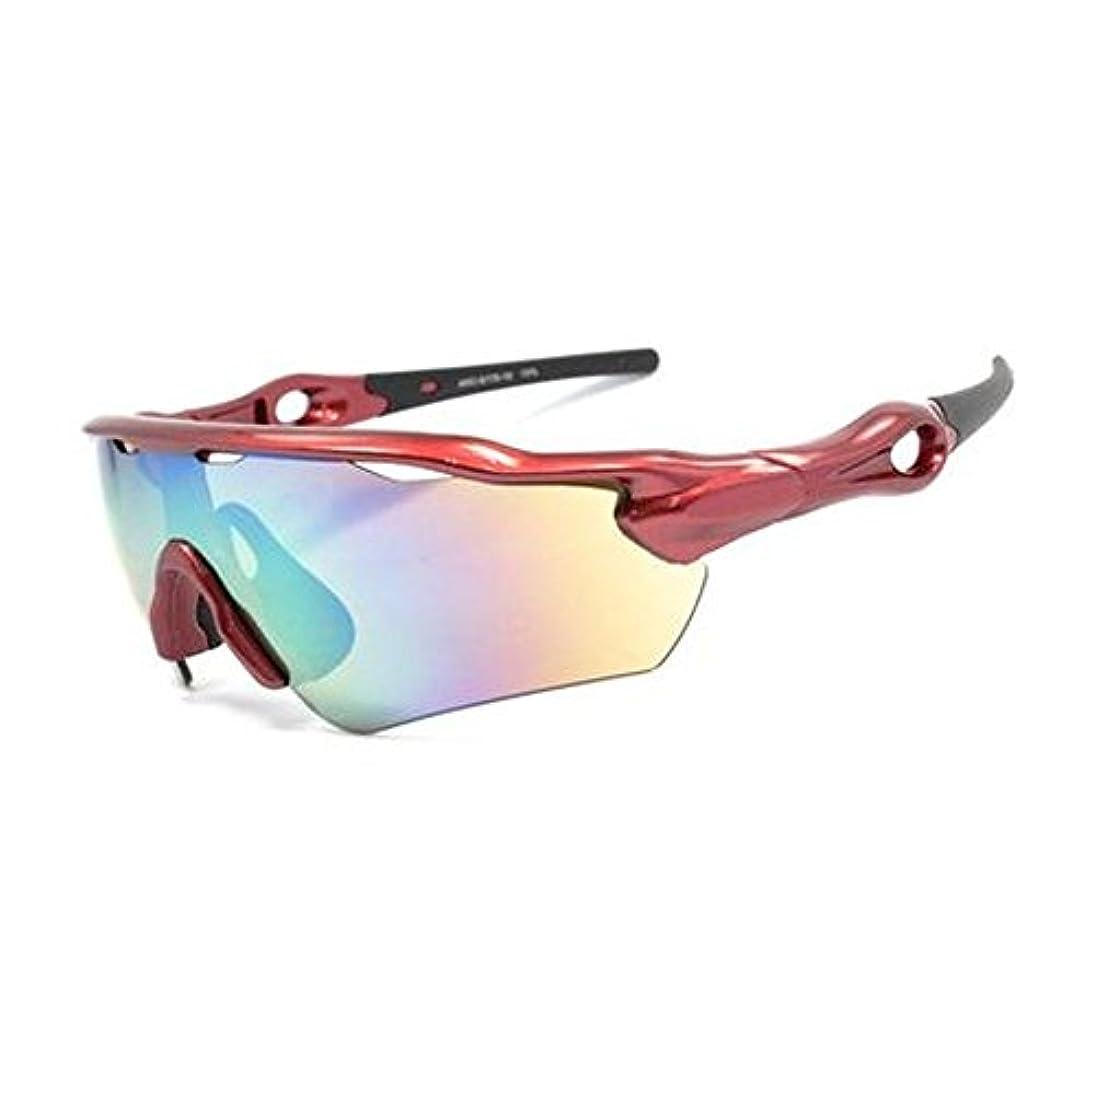 なるメイン買うARC STYLE(アーク スタイル) スポーツサングラス 一眼レンズ ARC-6179-10 メタリックレッド